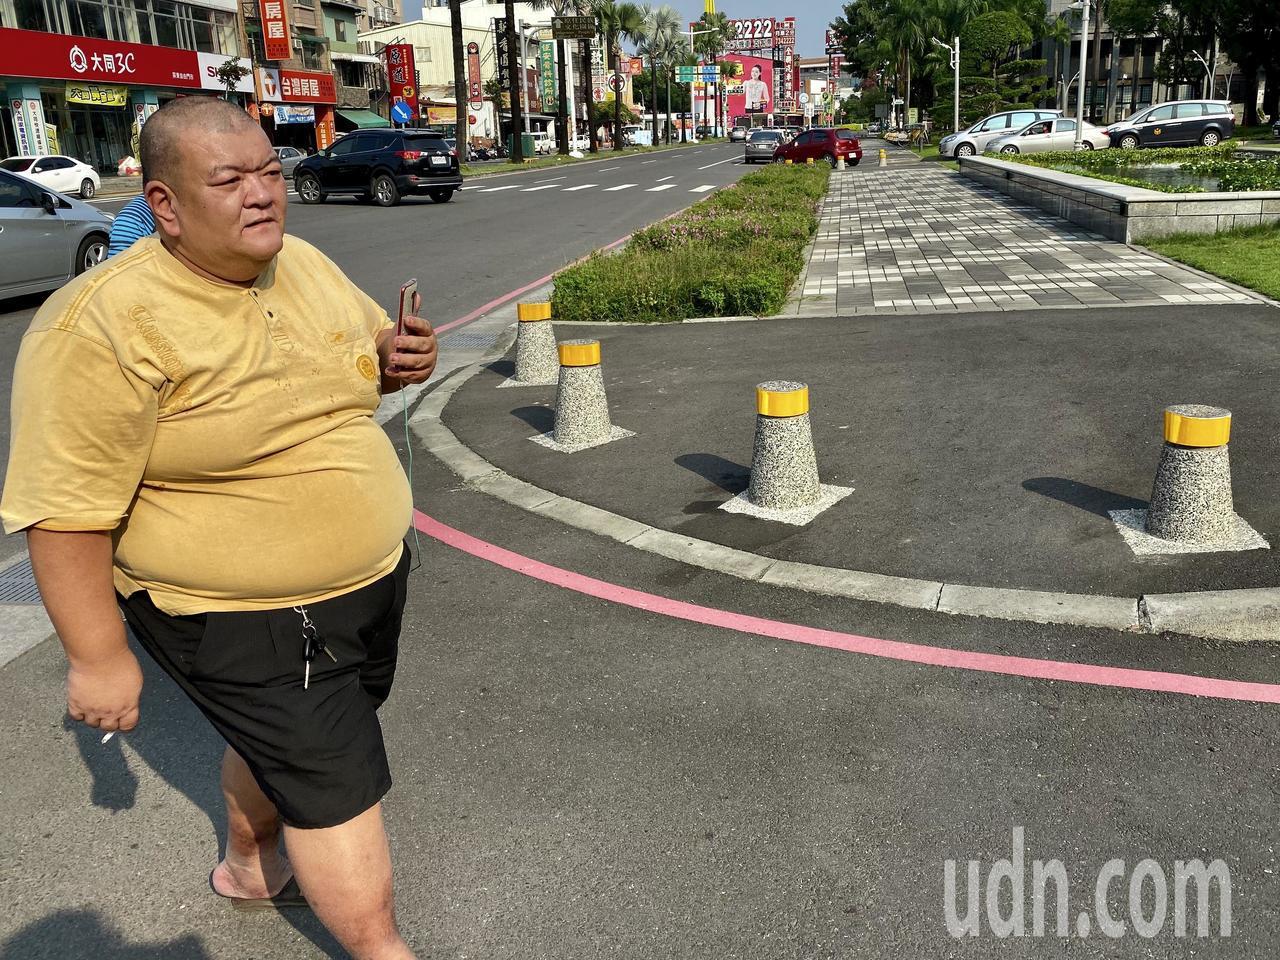 发蜡哥说他日前闯红灯被开单,但不满警方处置方式。记者江国豪/摄影